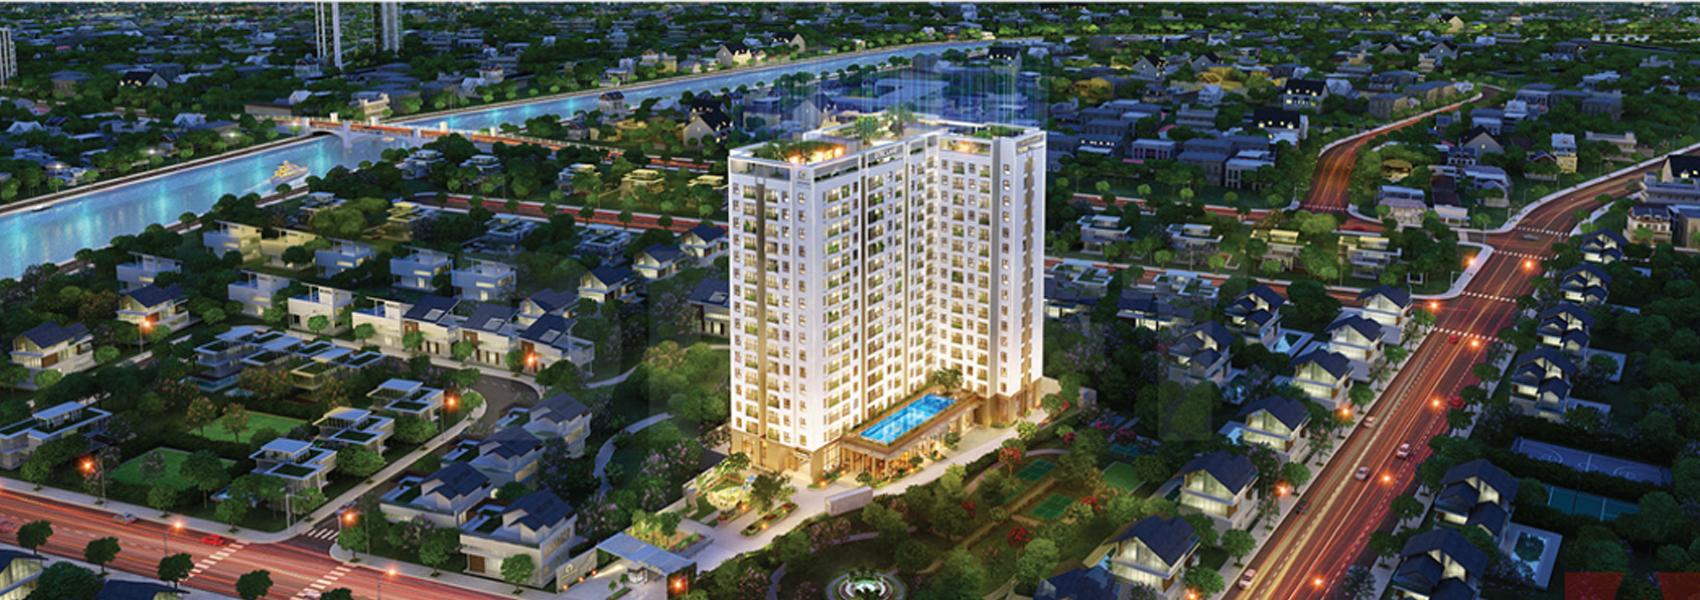 Mua bán căn hộ chung cư Saigon Asian Quận 6